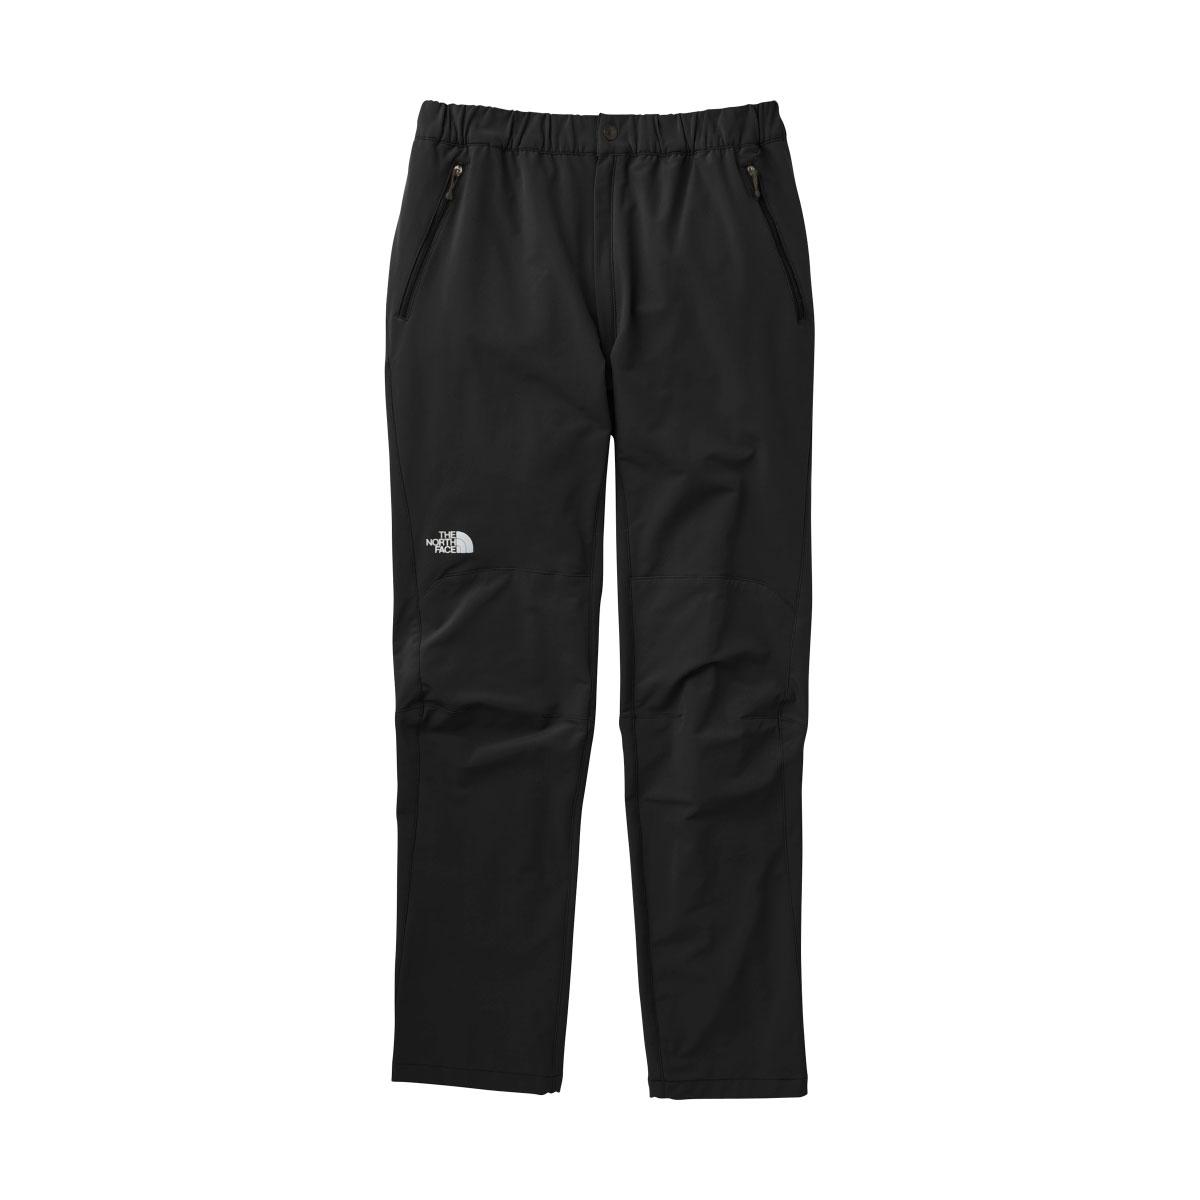 THE NORTH FACE ALPINE LIGHT PANT(ザ・ノース・フェイス アルペン ライト パンツ)ブラック【メンズ パンツ】19FW-I